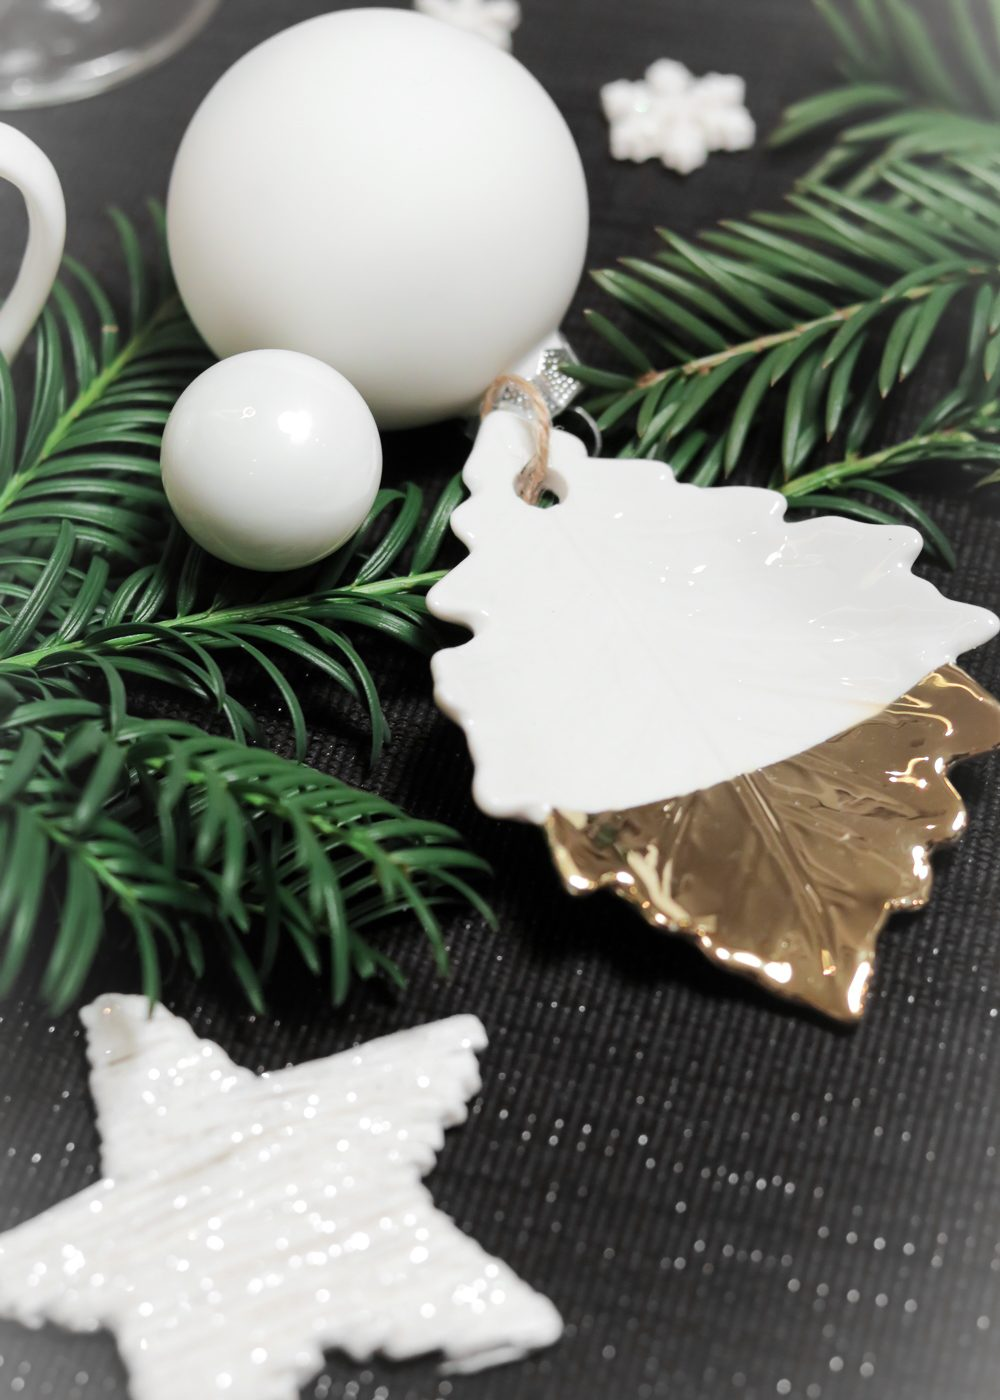 ediths-weihnachten-tischdekoration-advent-schwarzes-besteck-teller-gold-sterne-4